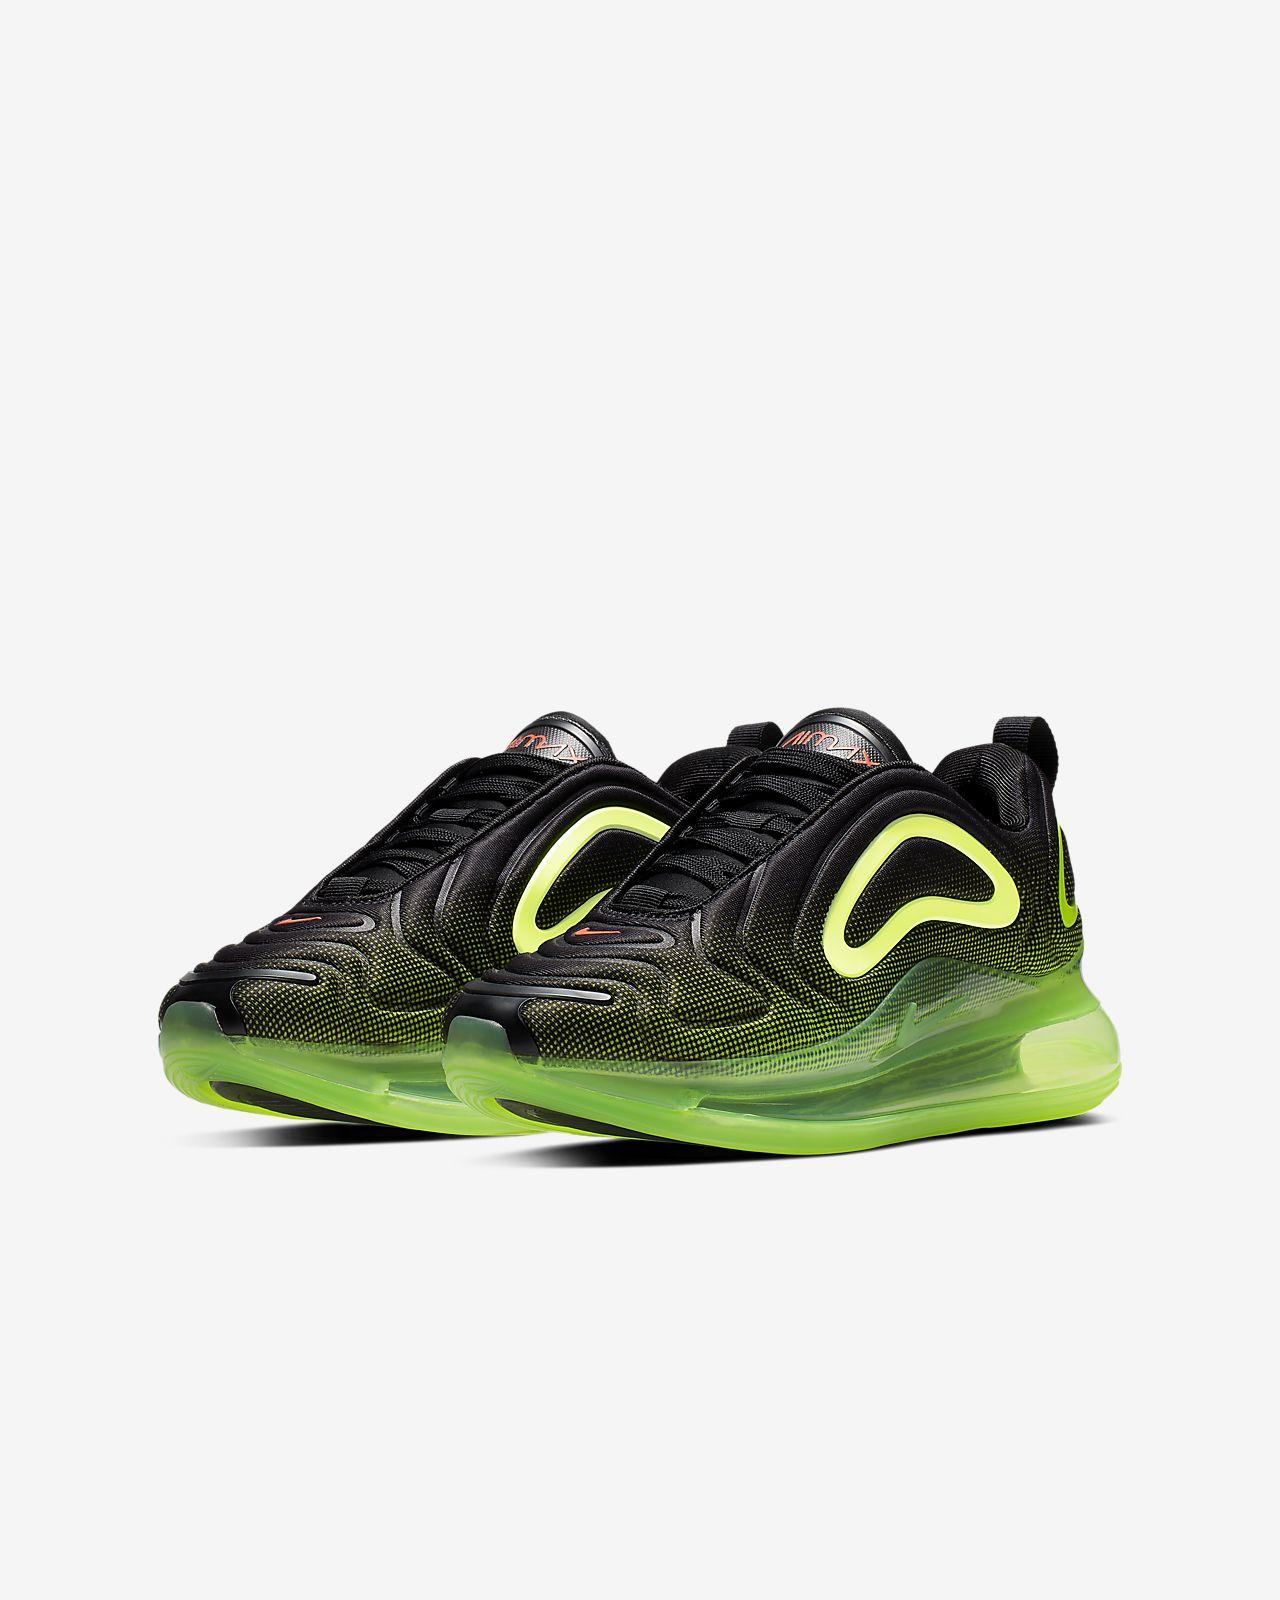 Kids' Shoe Nike 720 Game Change Air Max Youngerolder YE9e2WDIbH